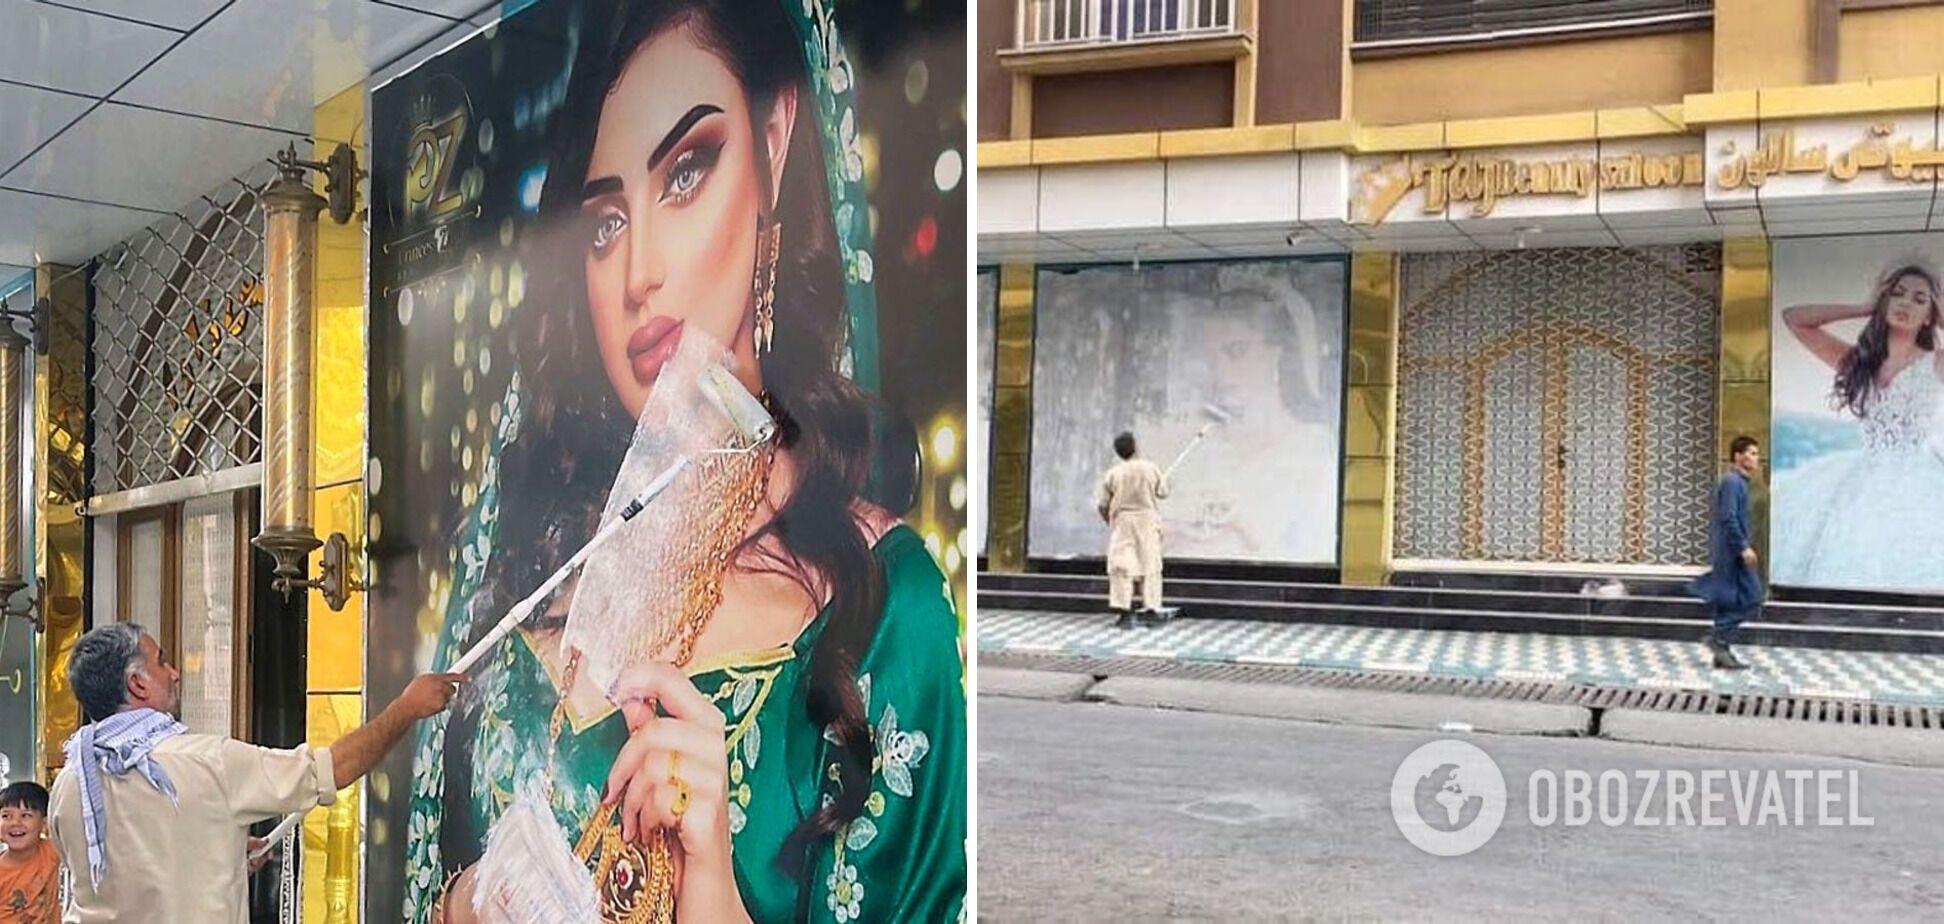 Жители Кабула закрашивают фото женщин на витринах